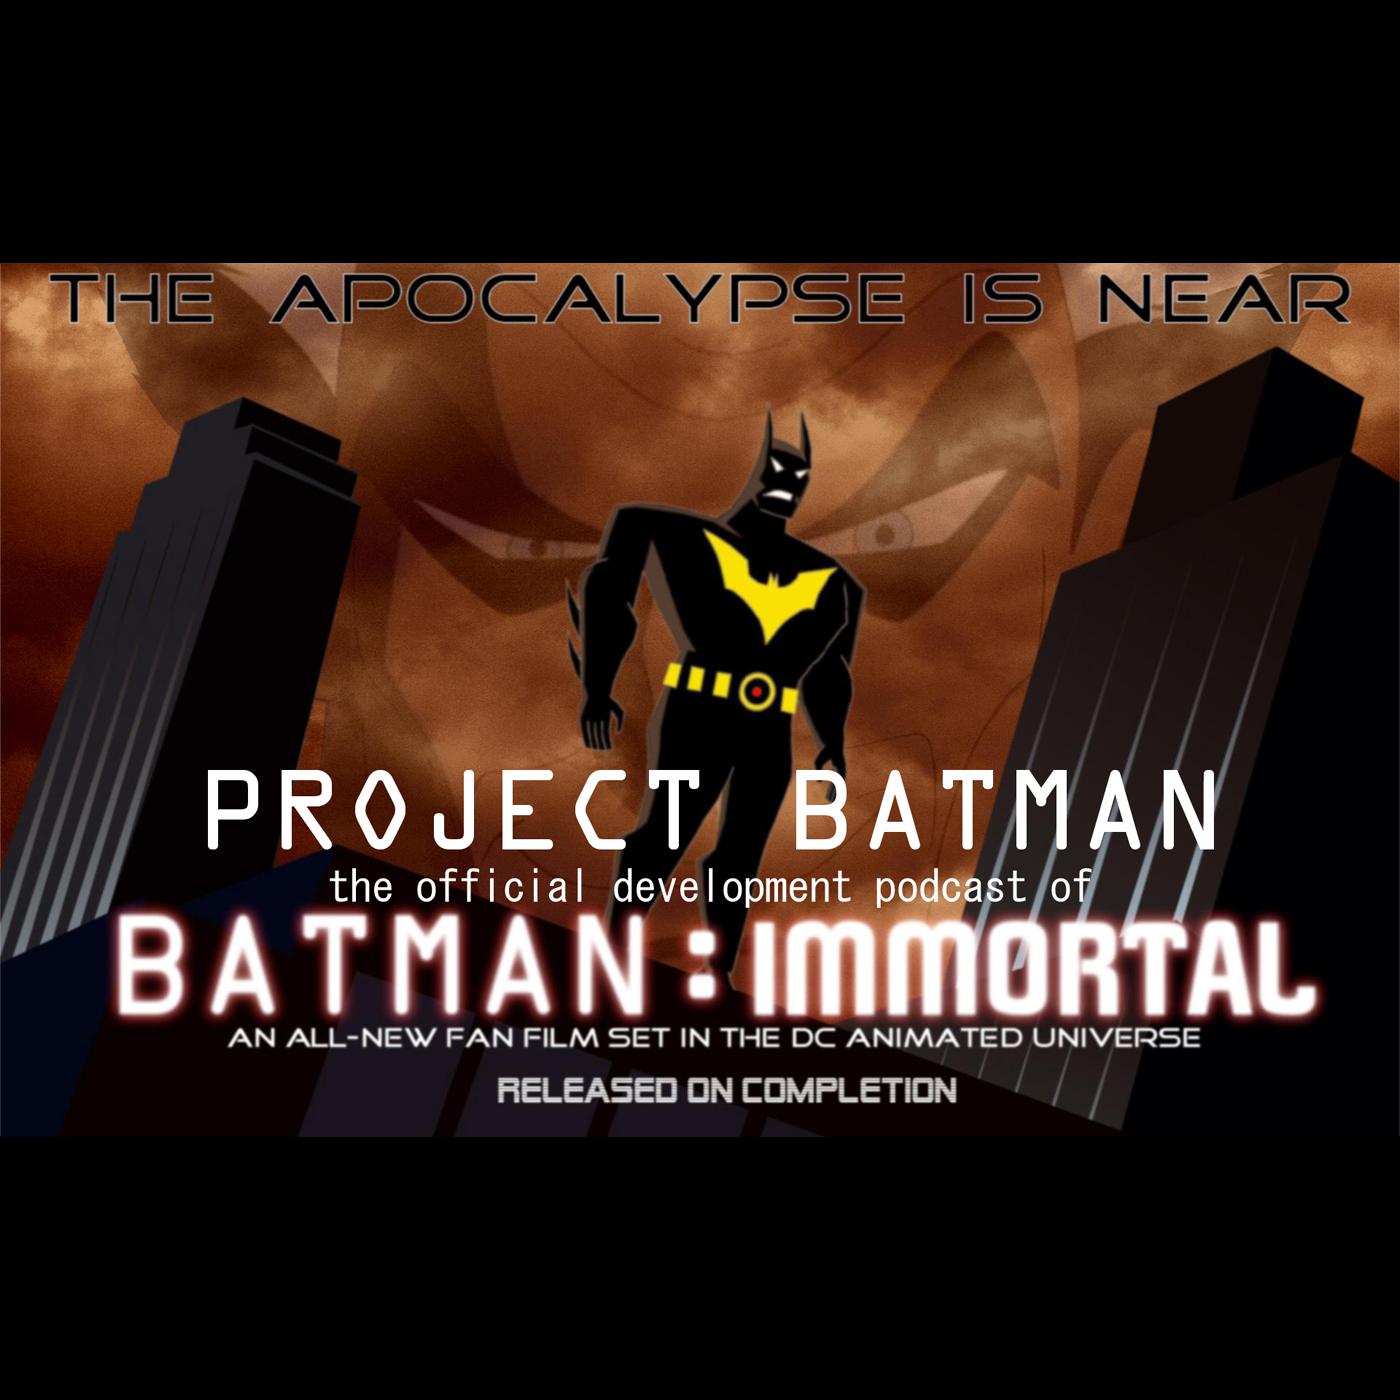 Project Batman